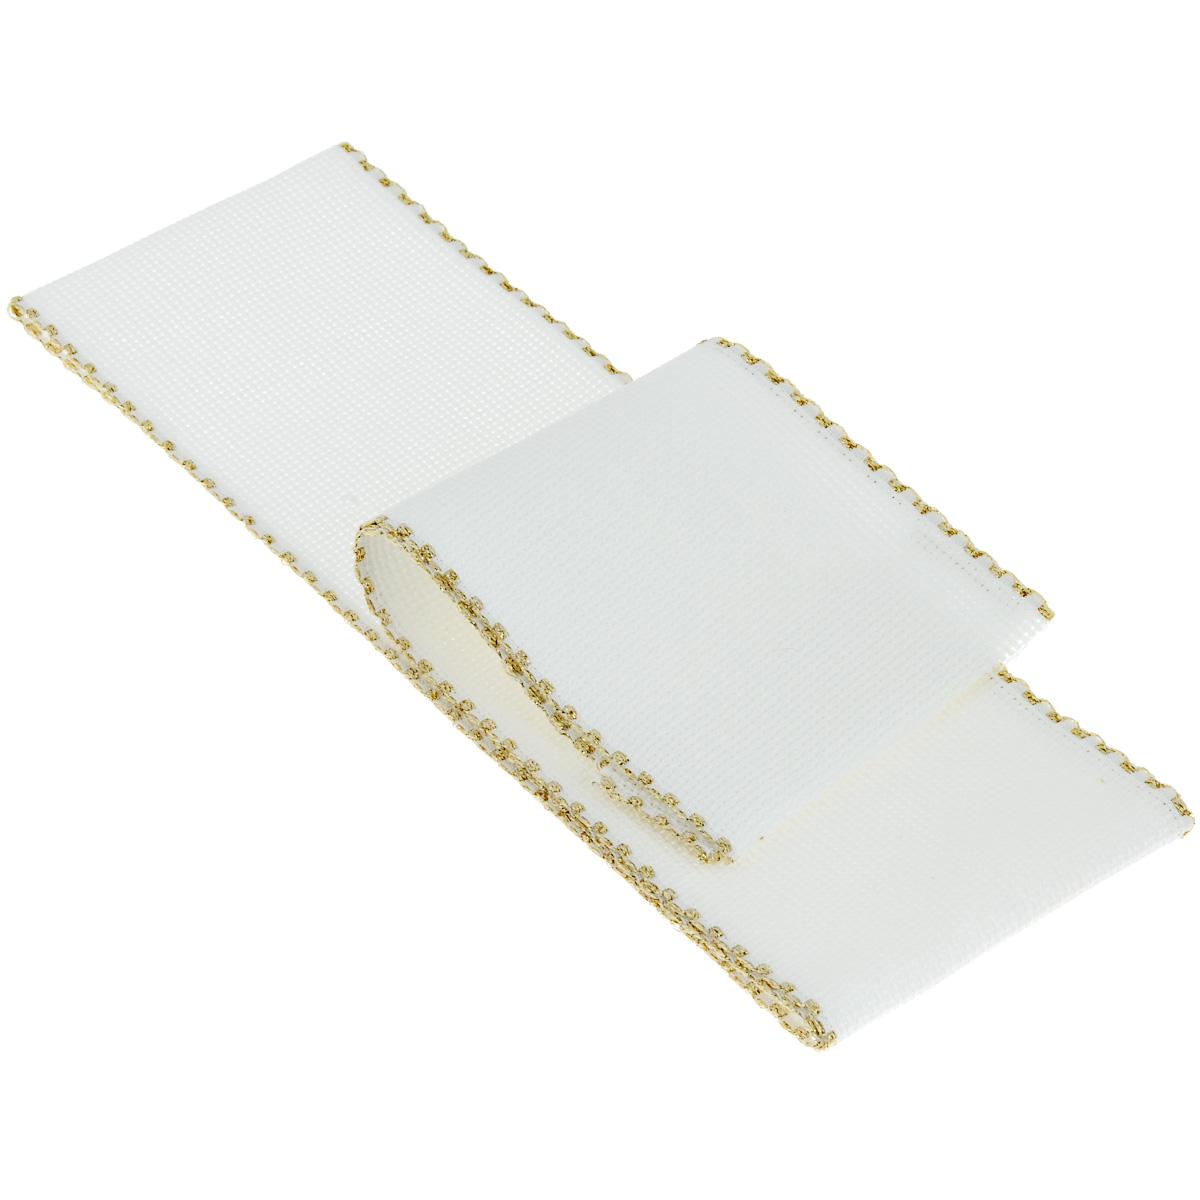 Основа для вышивания крестом или гладью Vaupel & Heilenbeck Aida 16, цвет: белый, 8 см х 100 см. 510-080-90510-080-90Основа Vaupel & Heilenbeck Aida 16 представляет собой канву для вышивания крестом или гладью, выполненную из 100% хлопка. Канву также можно использовать для других видов счетной вышивки. Изделие оформлено позолоченной каймой. Вышитые работы используются в качестве украшения-бордюра для одежды, полотенец, наволочек, штор и прочих предметов интерьера. Канва, украшенная своими руками, дополнит интерьер любого помещения, а также сможет стать изысканным подарком для ваших друзей и близких. Выдерживает стирку при температуре 40°С.